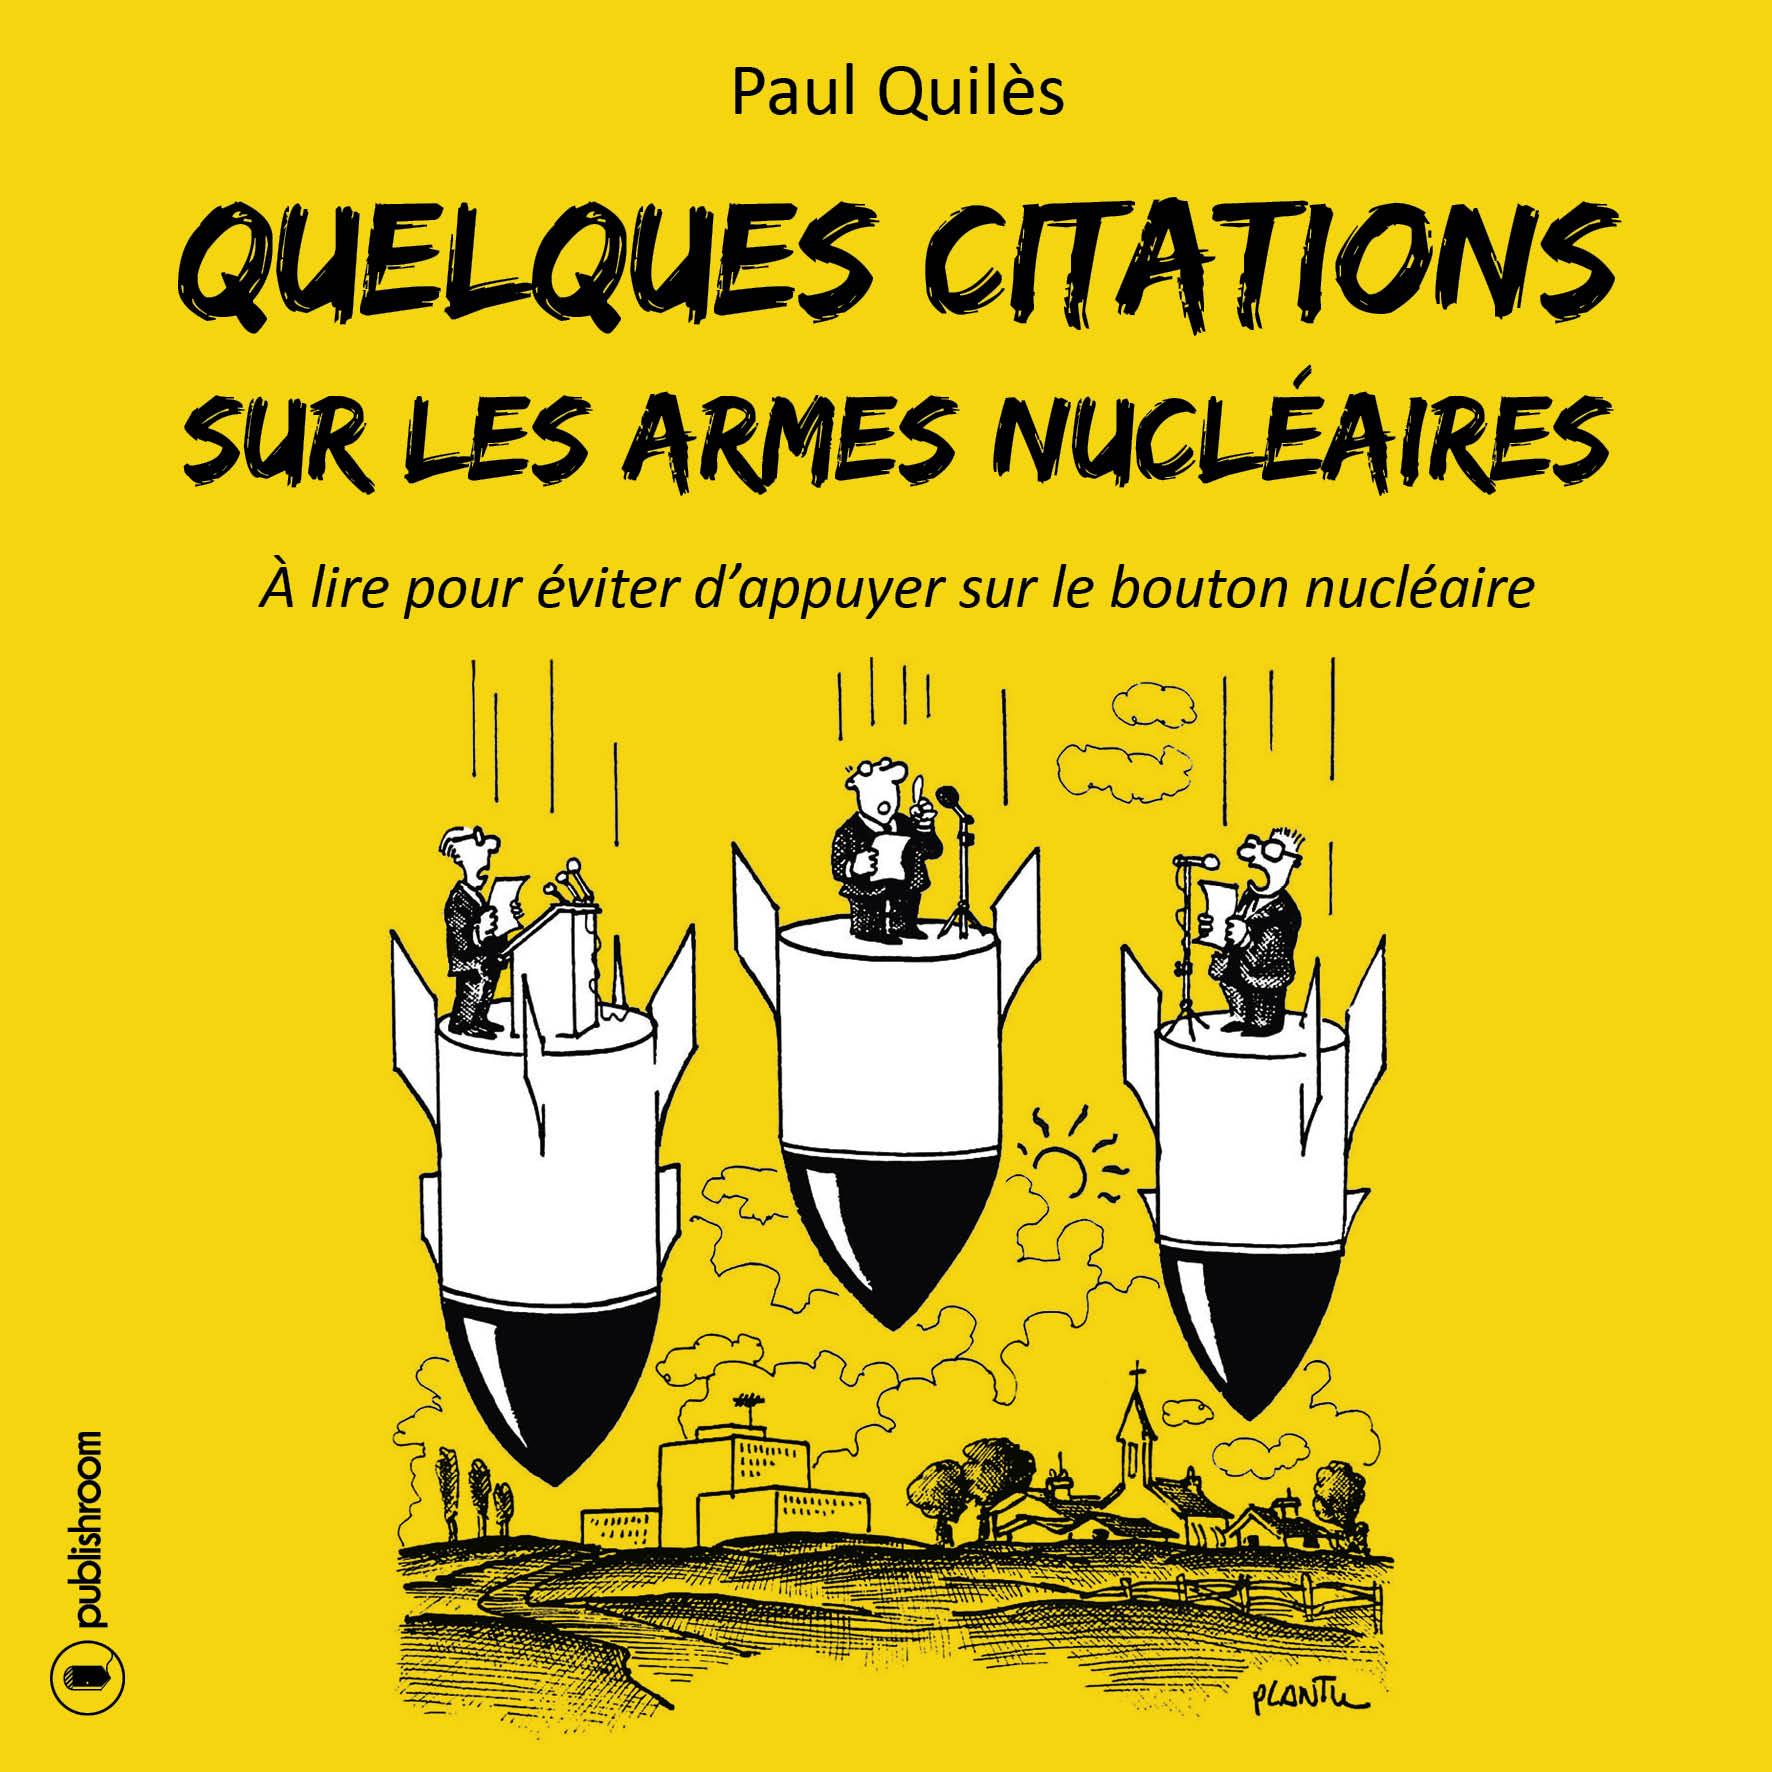 Quelques citations sur les armes nucléaires, À lire pour éviter d'appuyer sur le bouton nucléaire